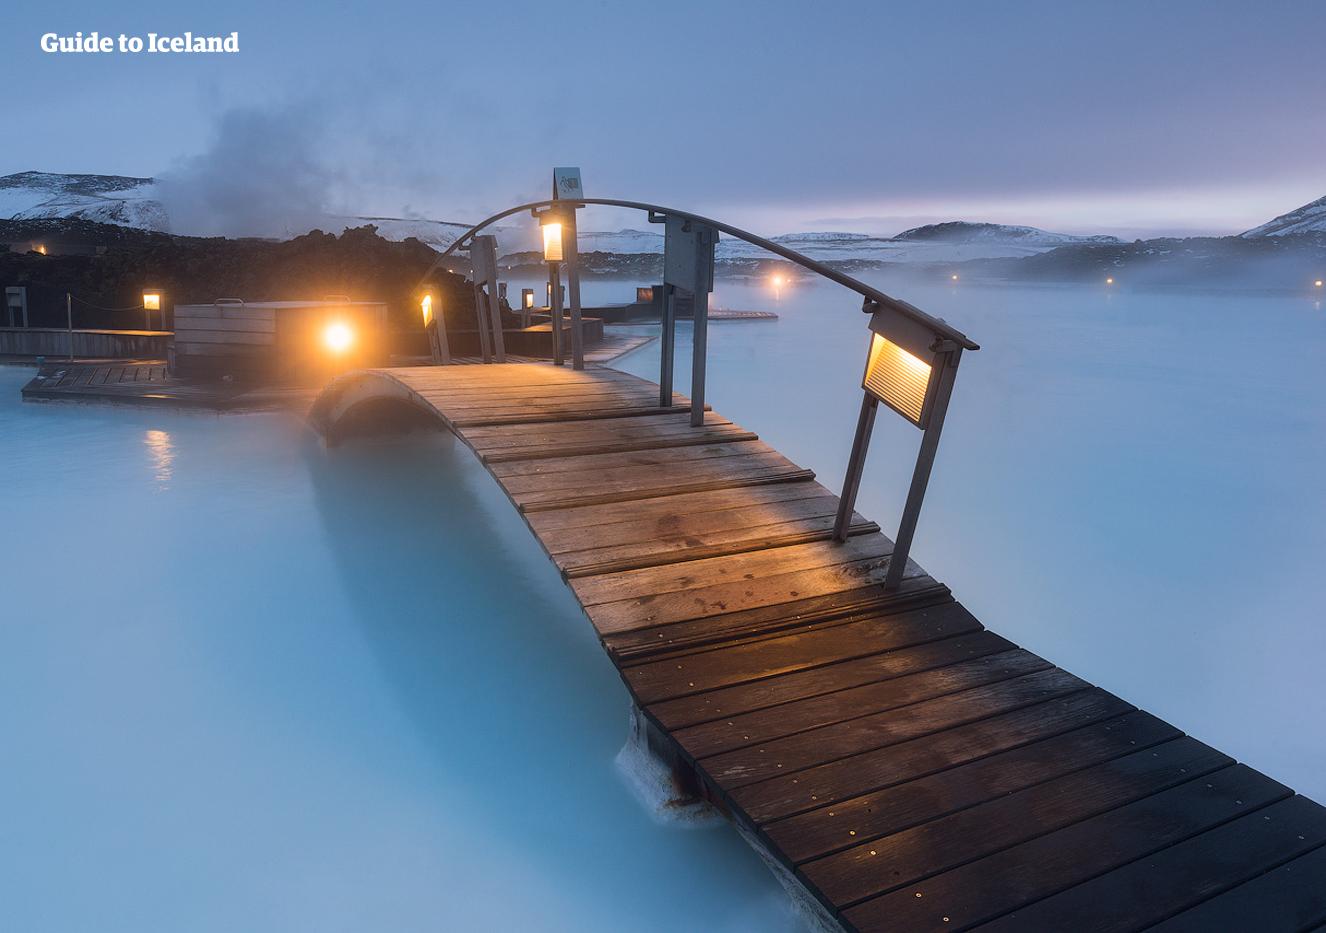 At slappe af det varme geotermiske vand i Den Blå Lagune omgivet af kulsort lava, der er overdækket med sne, er en oplevelse, du sent vil glemme